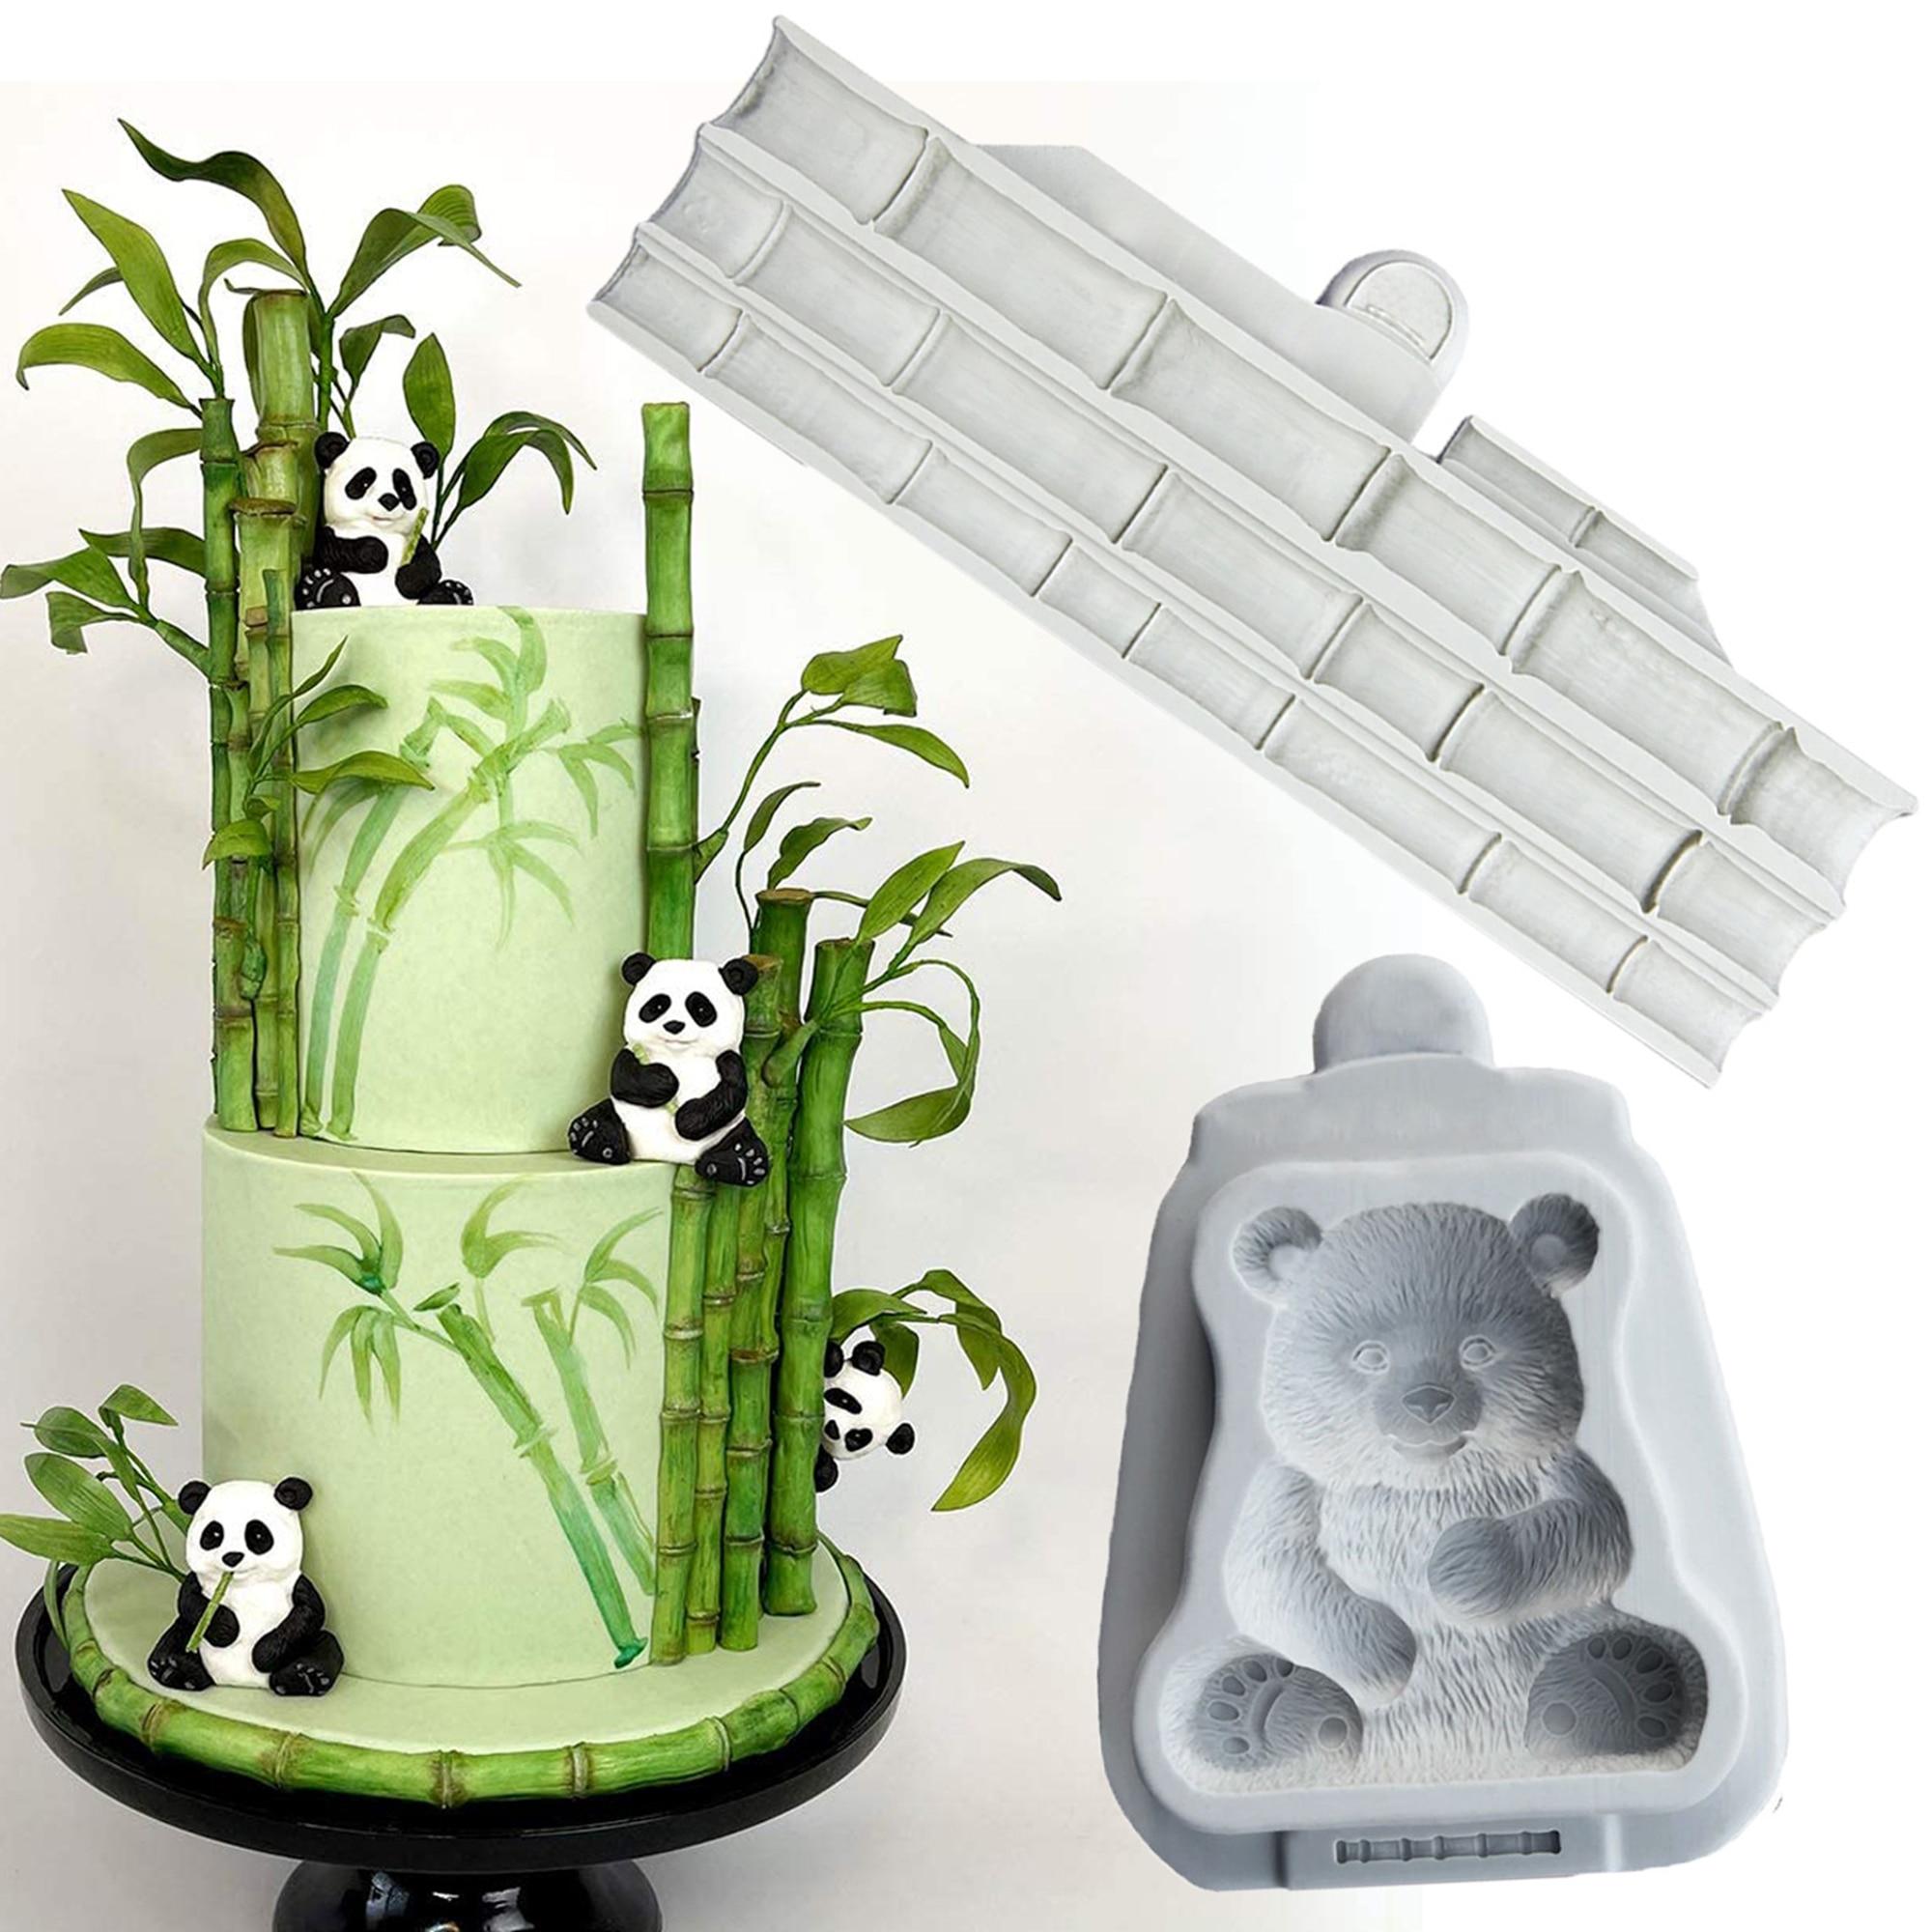 Luyou симпатичная Панда силиконовая форма для помадки инструменты для украшения торта бамбуковая Смола форма для выпечки, кондитерские издел...